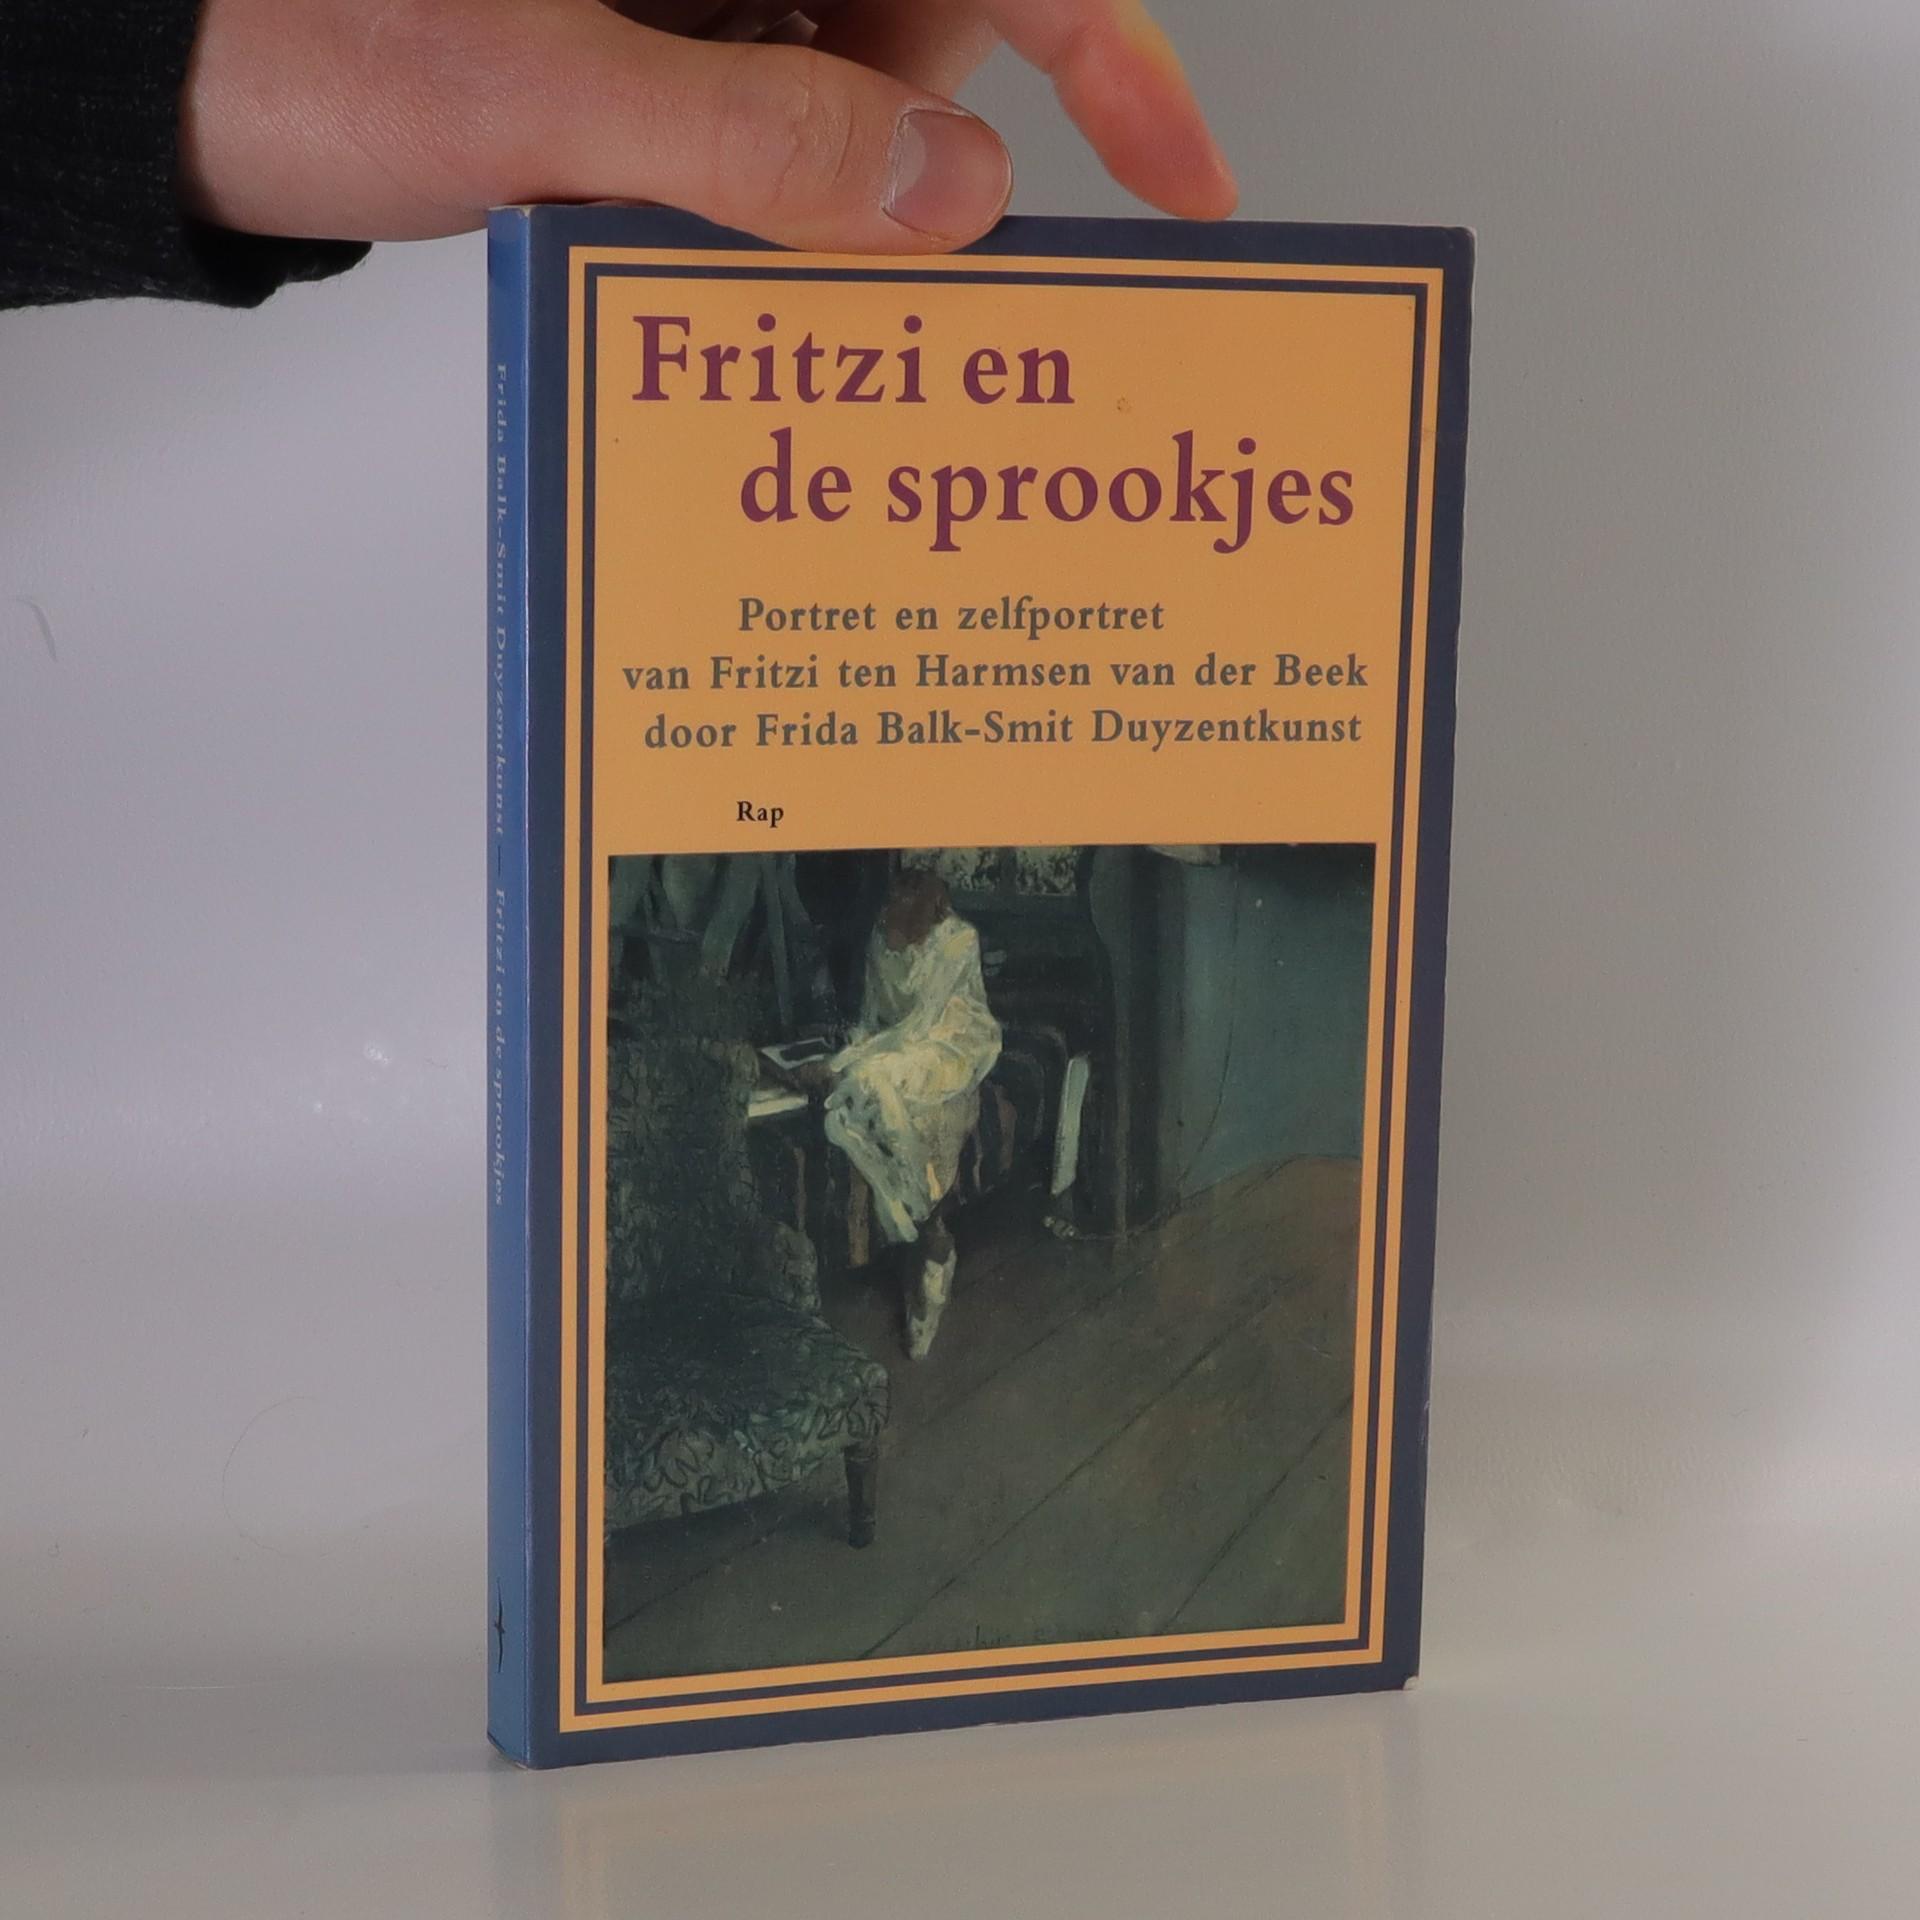 antikvární kniha Fritzi en de sprookjes, 1996